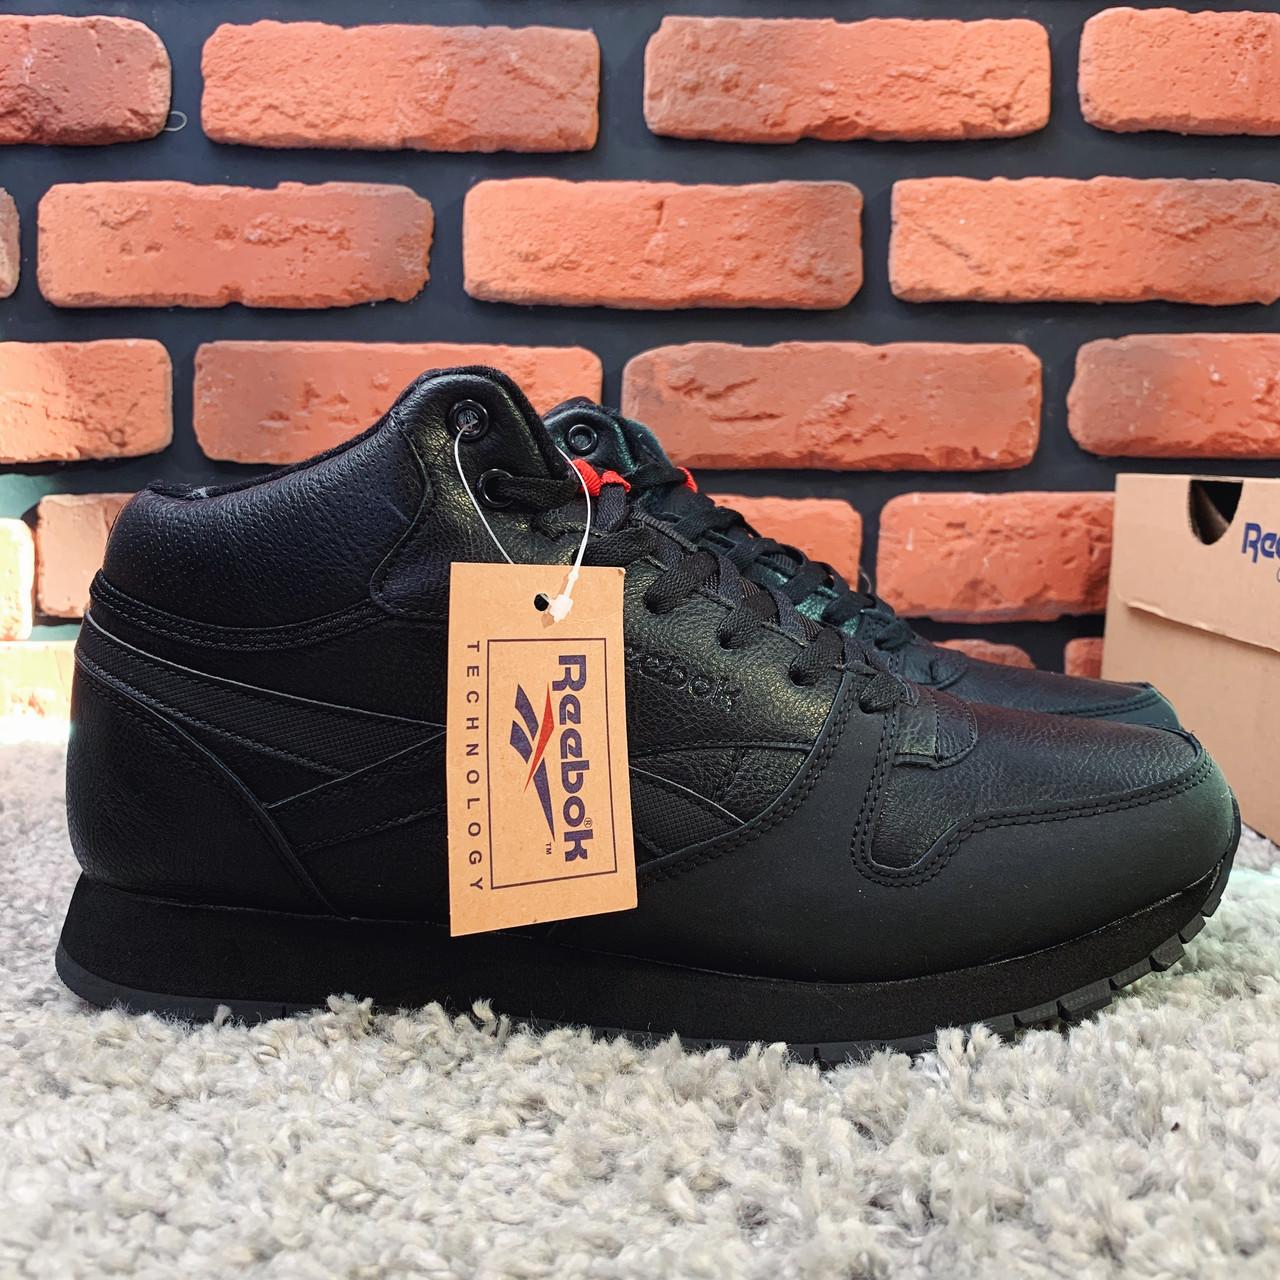 Зимние ботинки (НА МЕХУ) мужские Reebok Classic 2-160 ⏩ [ 44.44,45,46 ]